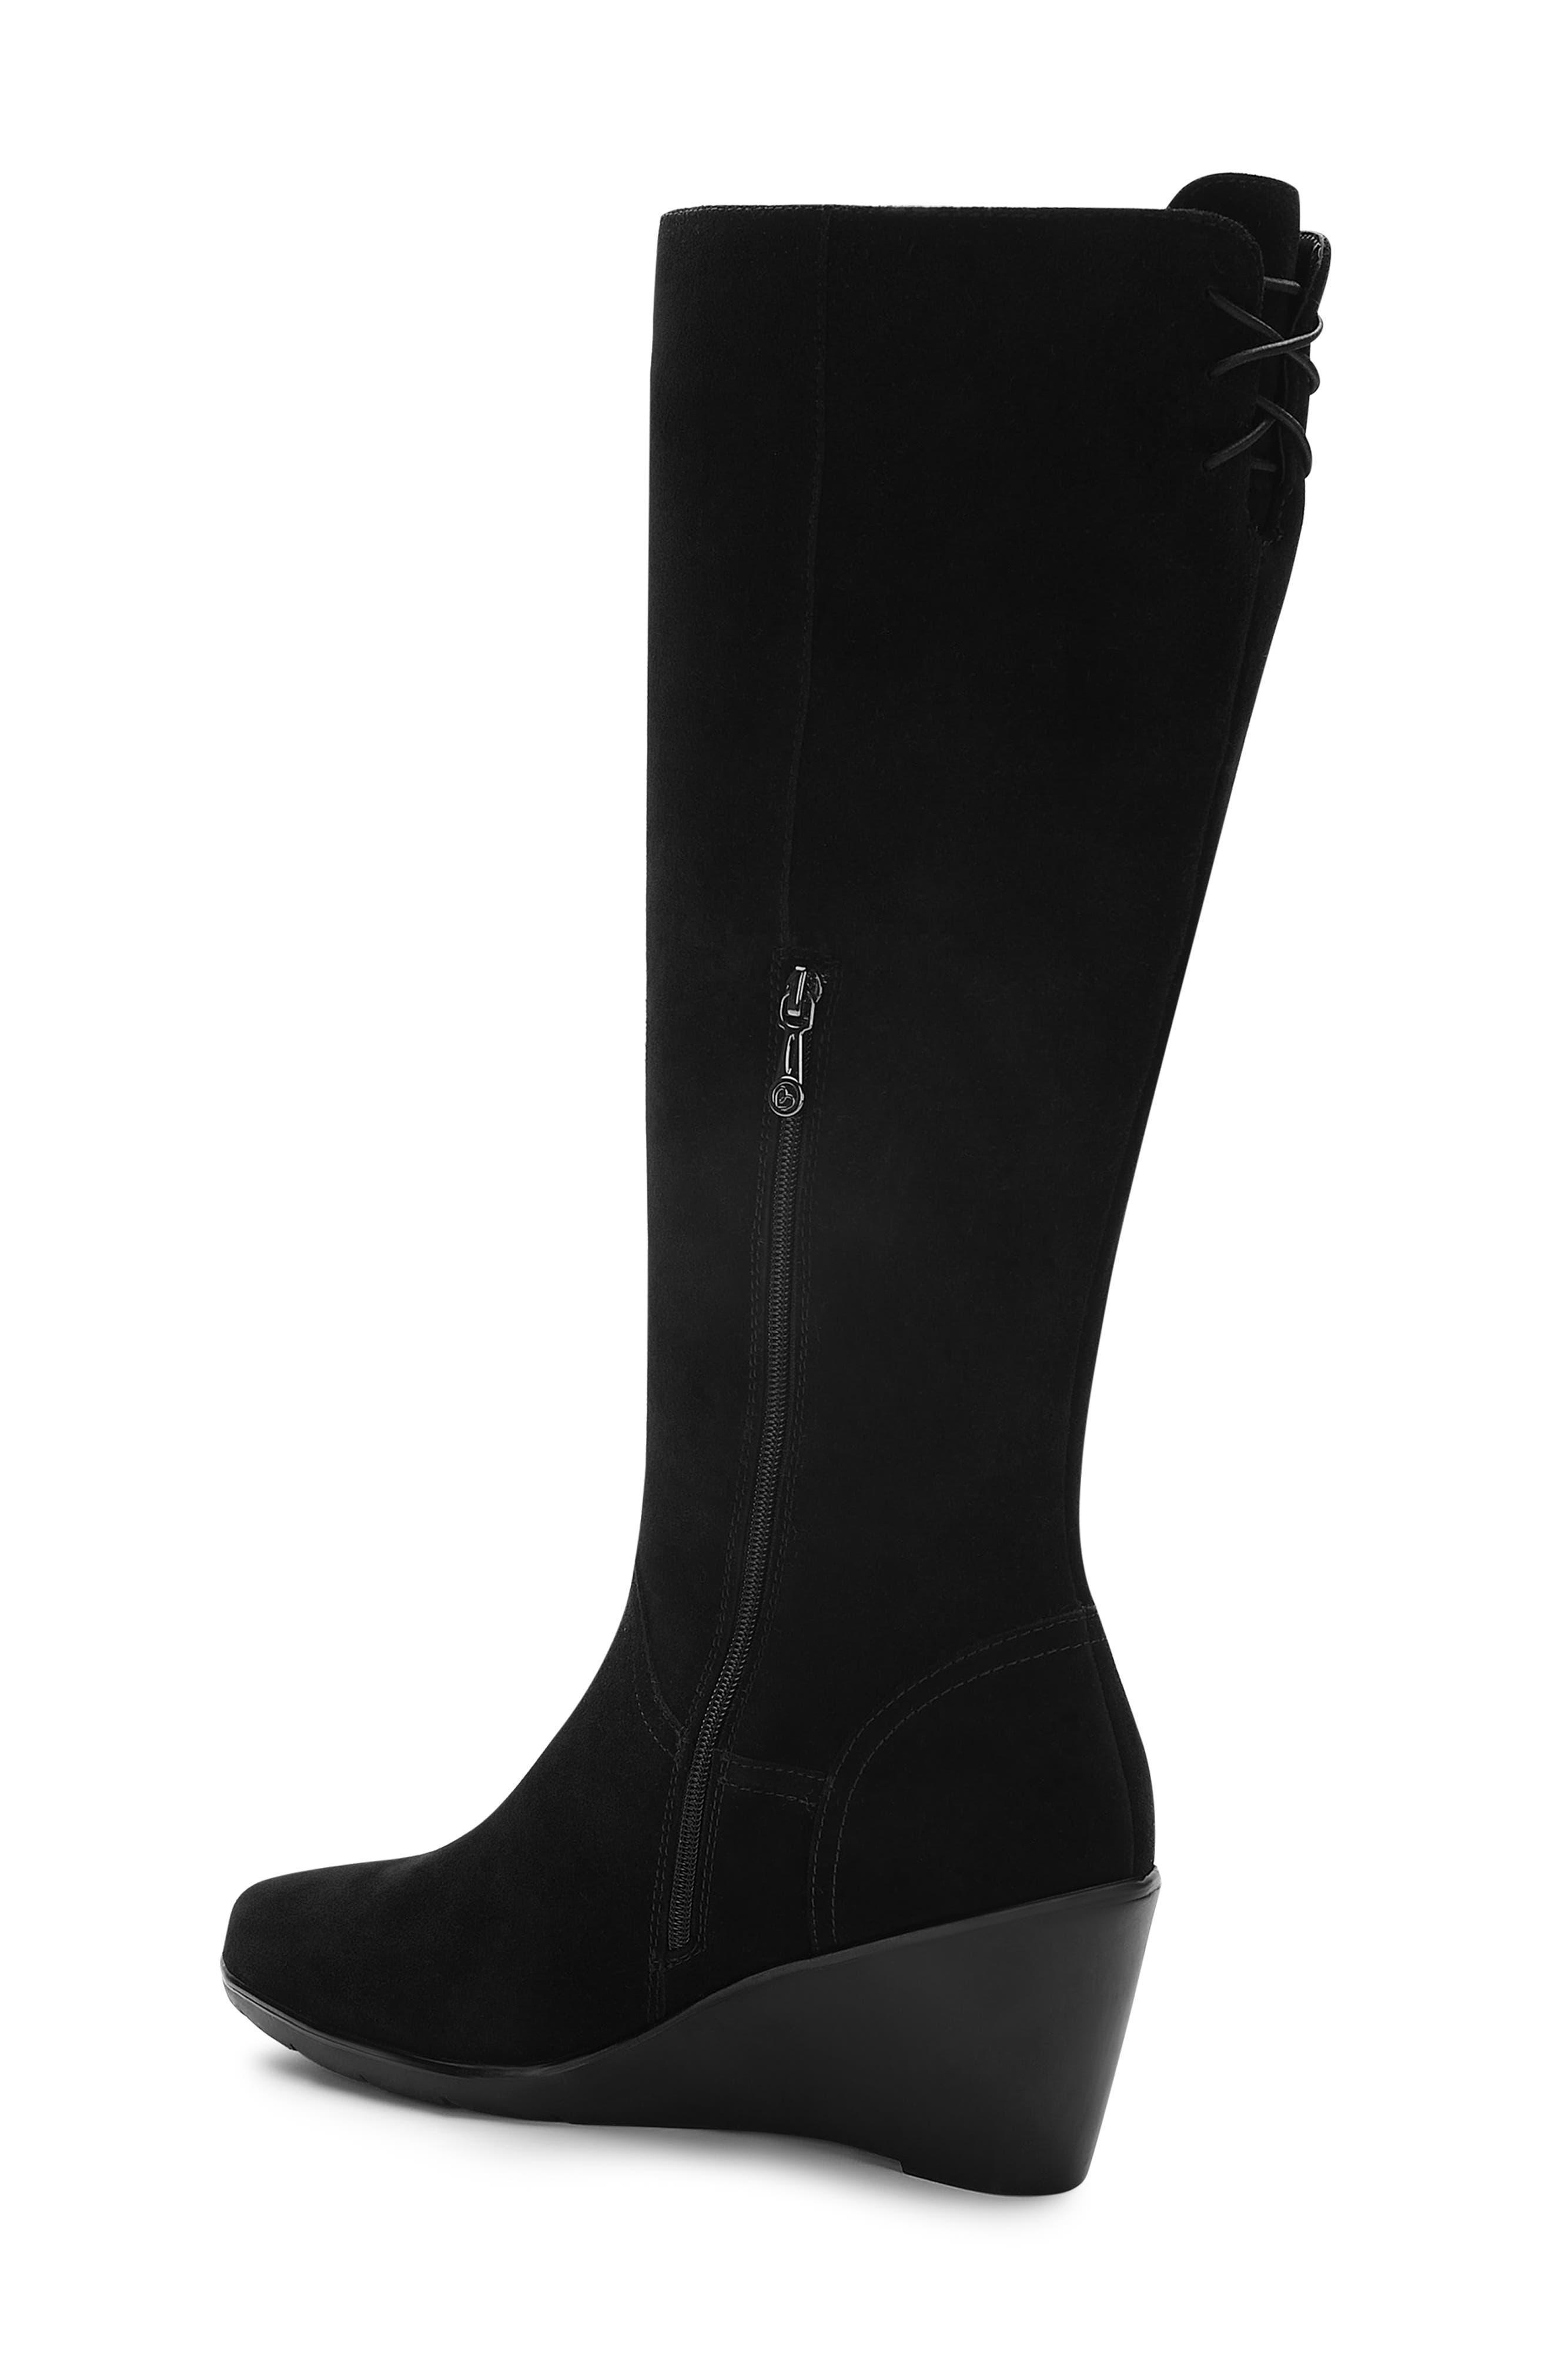 Larissa Waterproof Wedge Knee High Boot,                             Alternate thumbnail 2, color,                             BLACK SUEDE